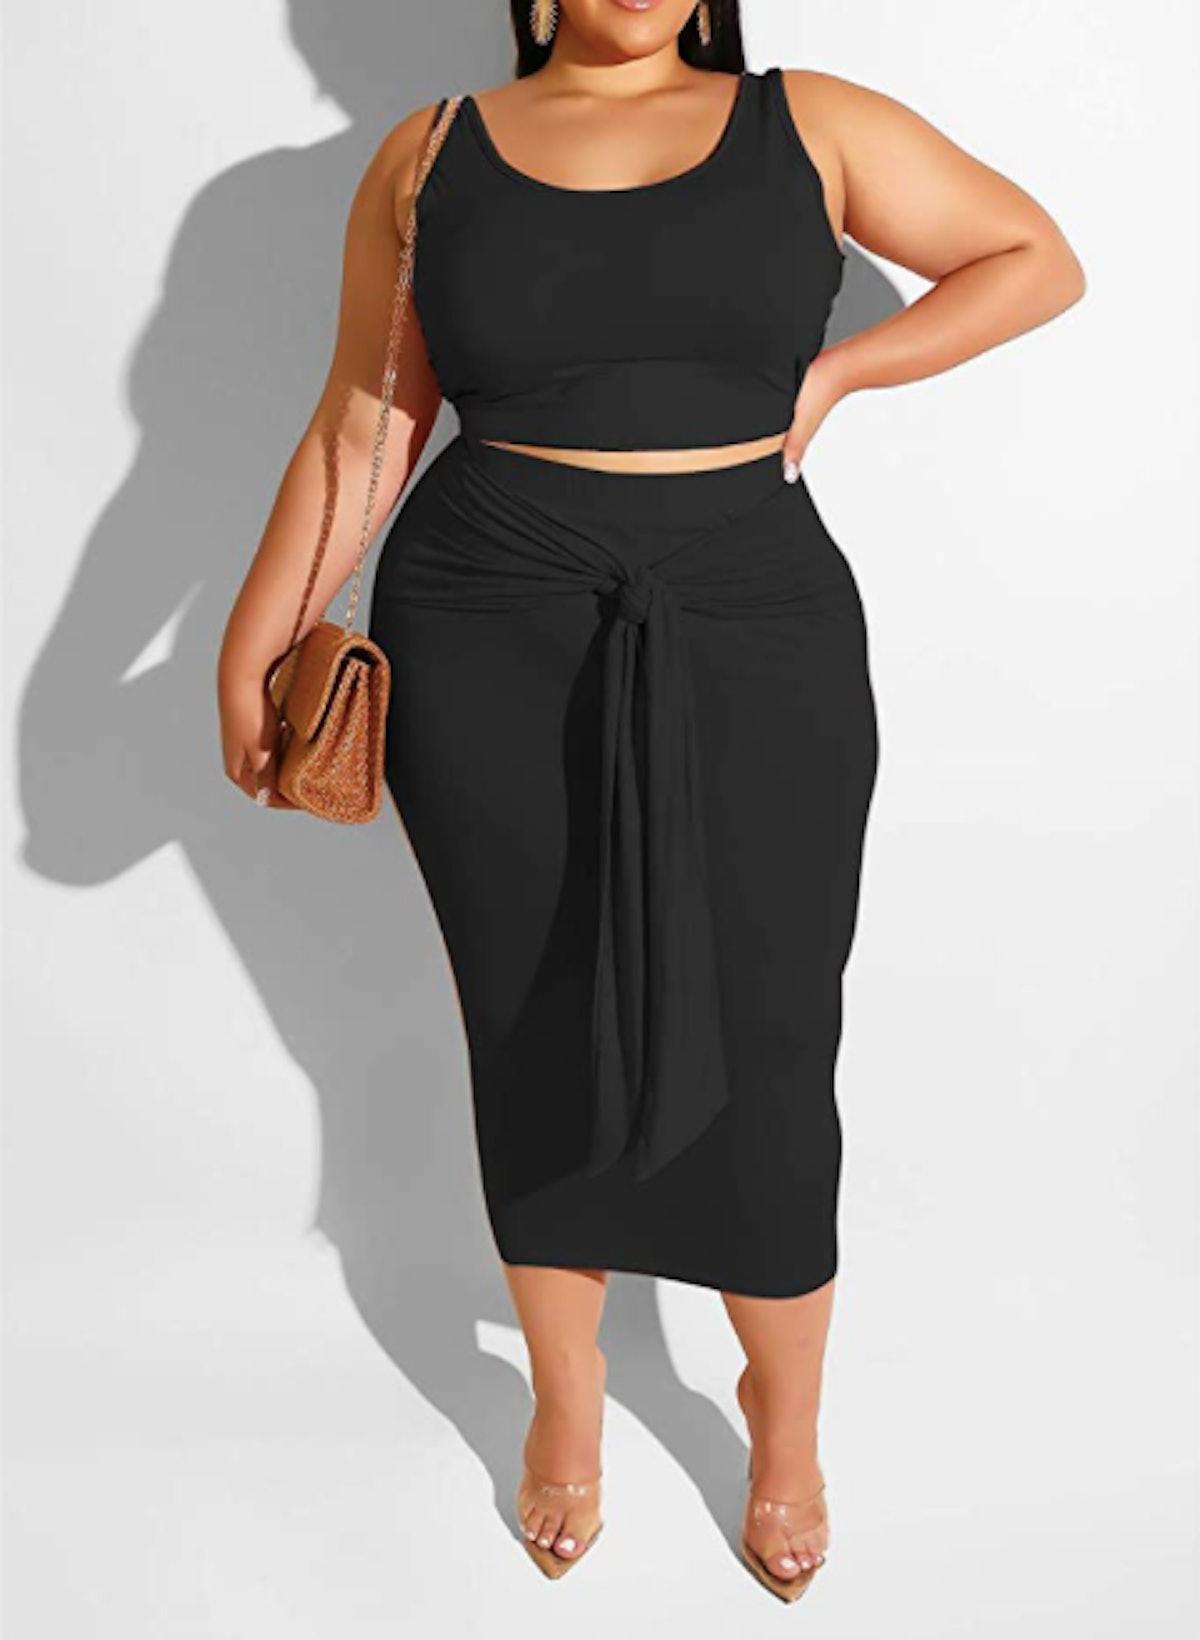 Iymoo Plus-Size Two-Piece Midi Dress